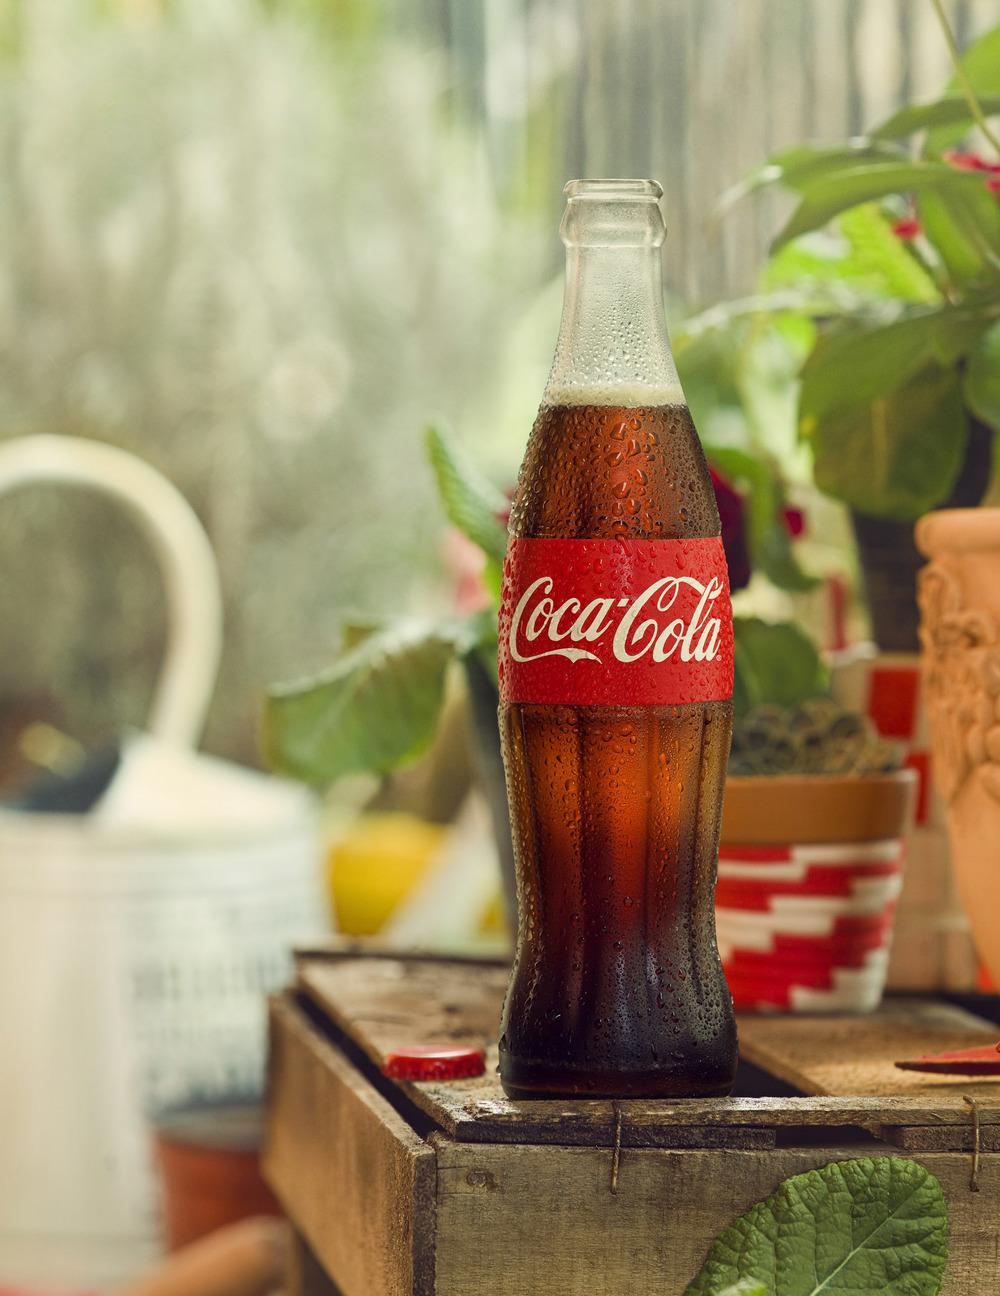 coca cola balcon_0438 copy.jpg